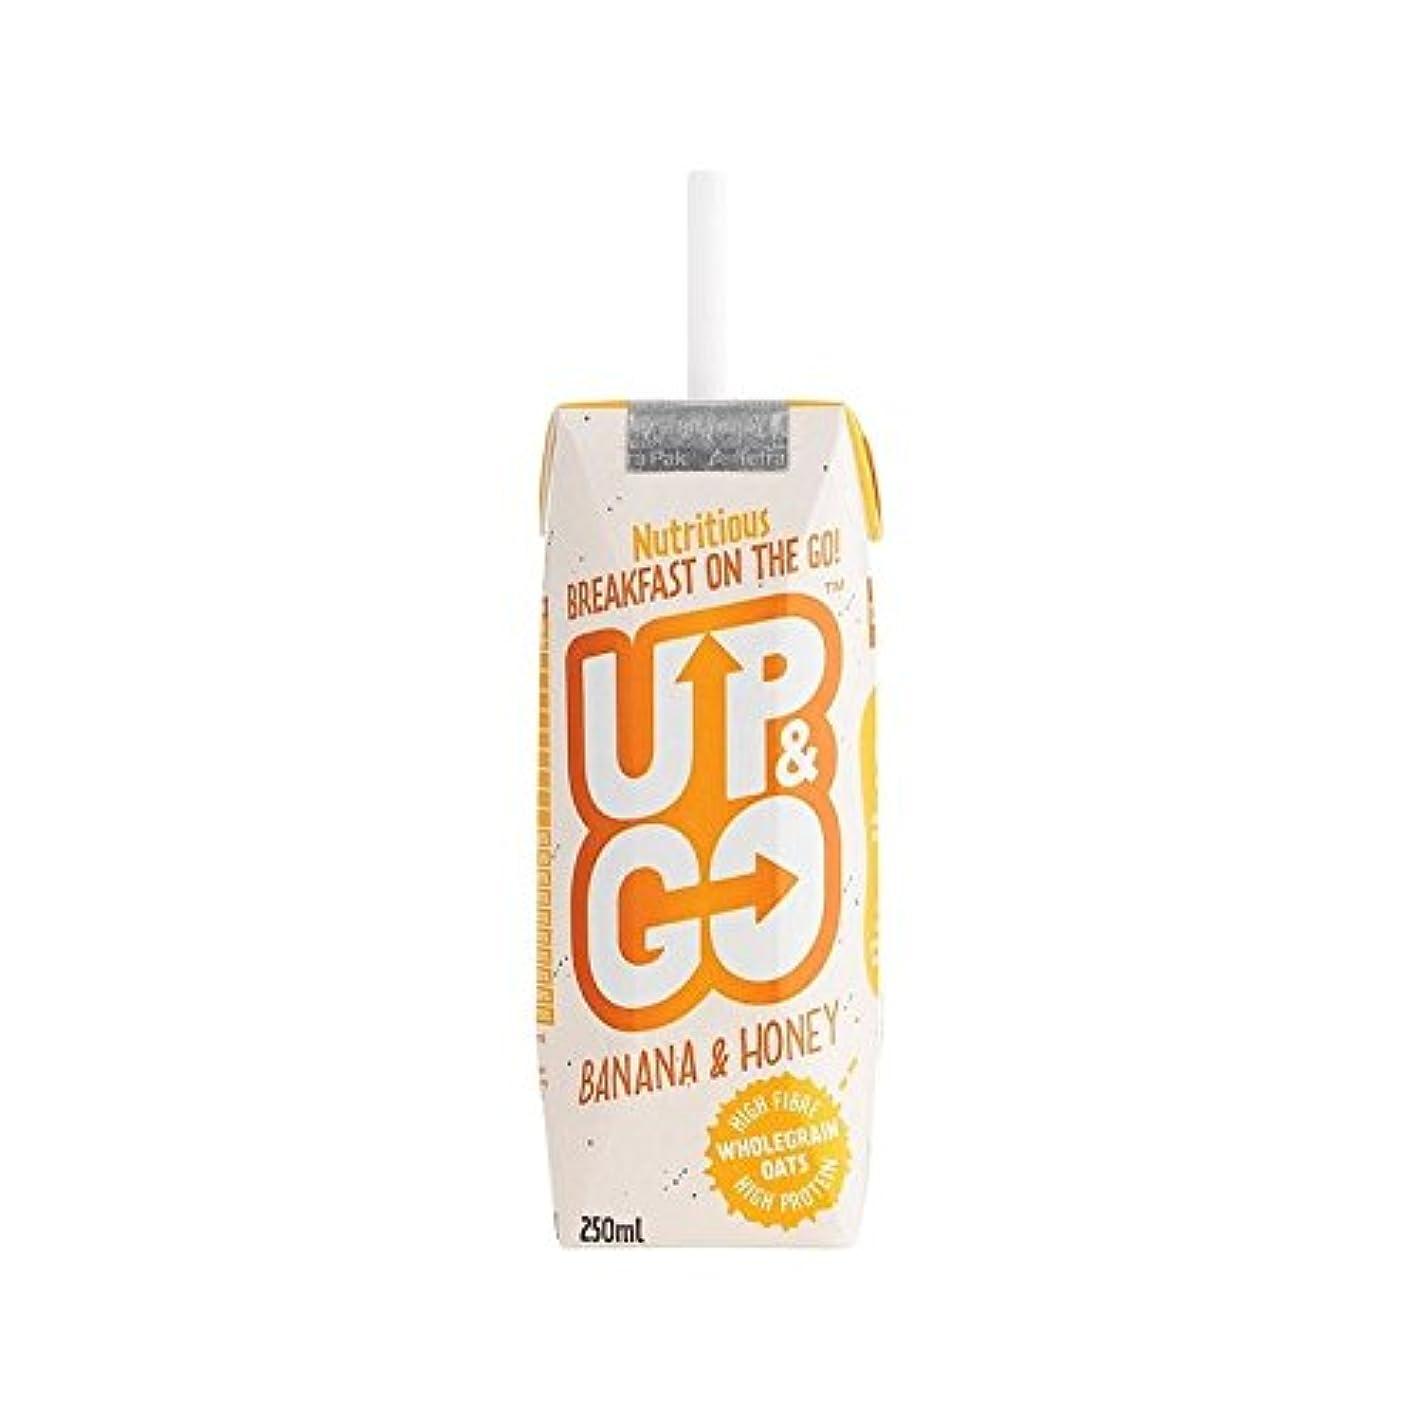 一定乳白遺体安置所オート麦の250ミリリットルとバナナ&ハニー朝食ドリンク (Up&Go) - Up&Go Banana & Honey Breakfast Drink with Oats 250ml [並行輸入品]